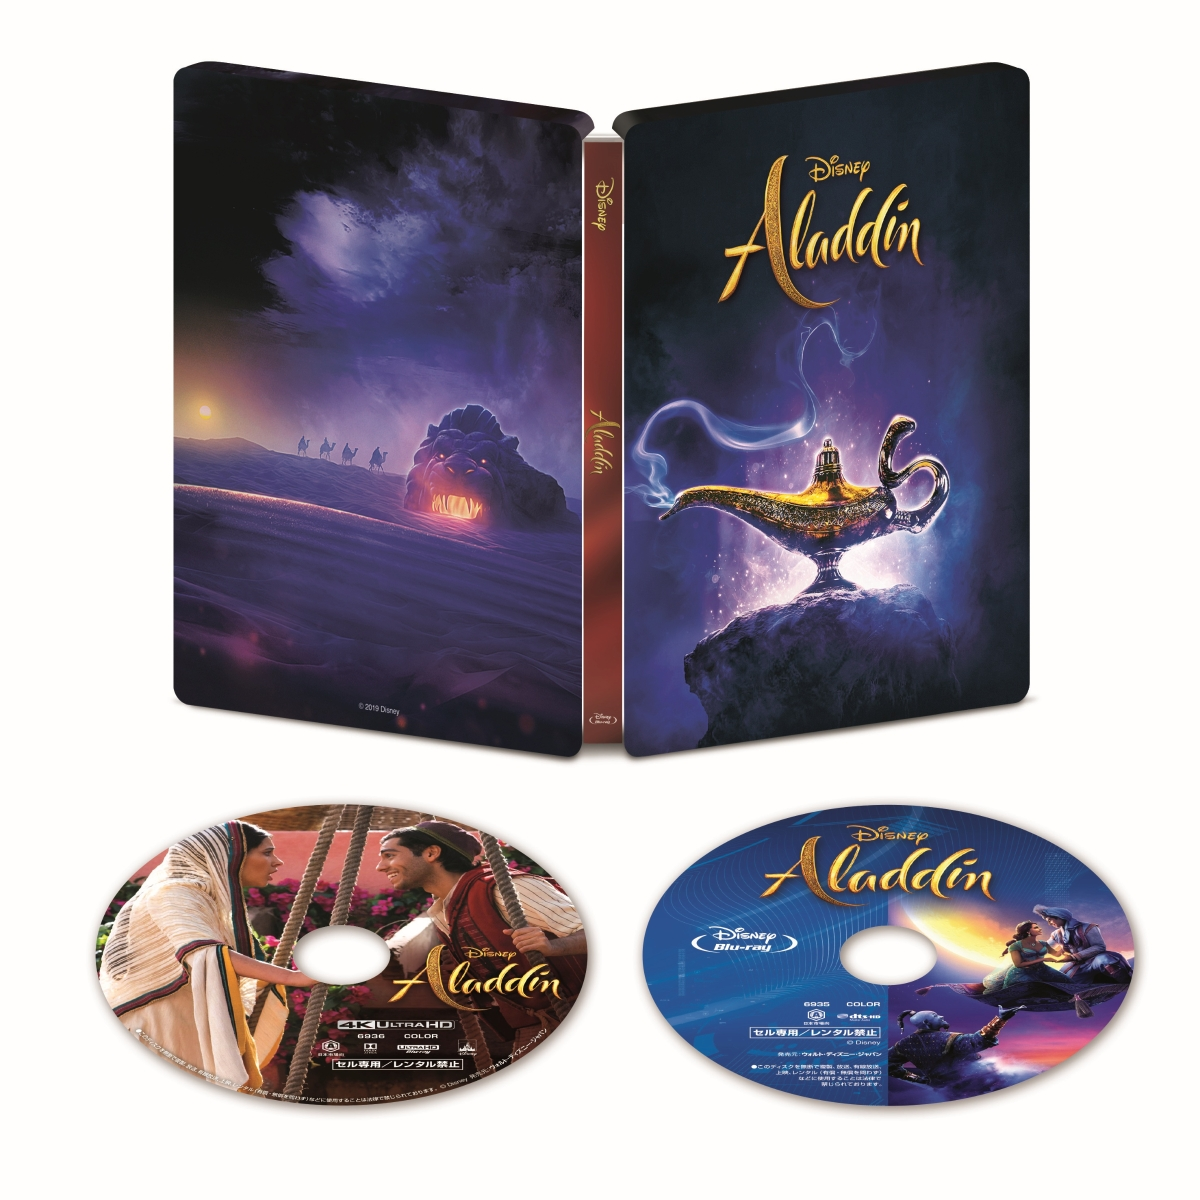 楽天ブックス: 【楽天ブックス限定】アラジン 4K UHD MovieNEX スチールブック(数量限定)【4K